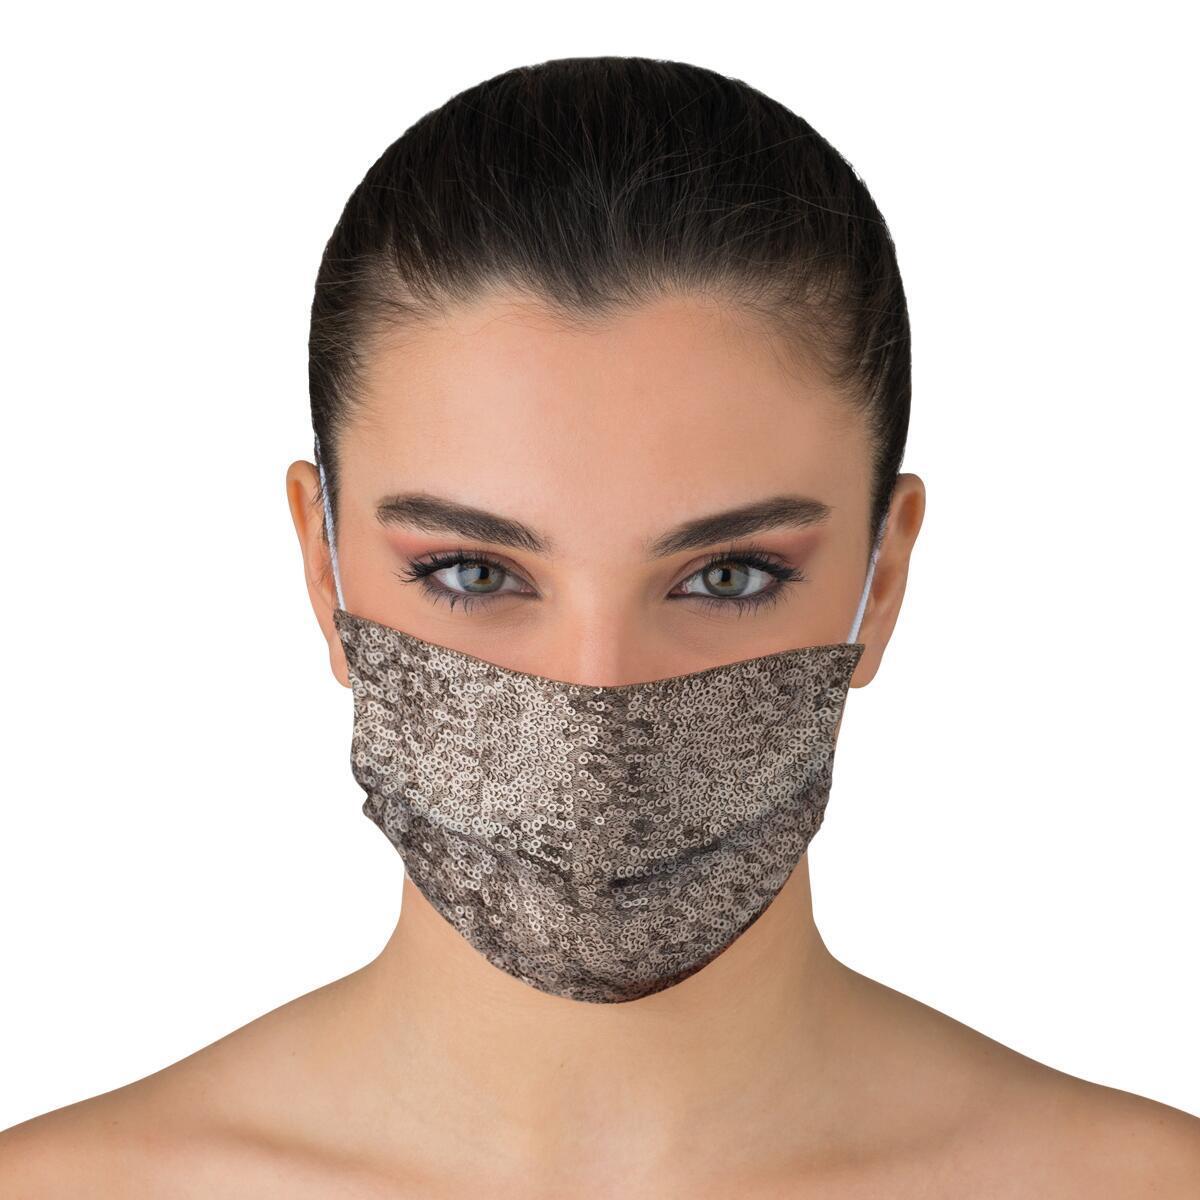 Maschera in tessuto lavabile per utilizzo non sanitario Paillettes - 2